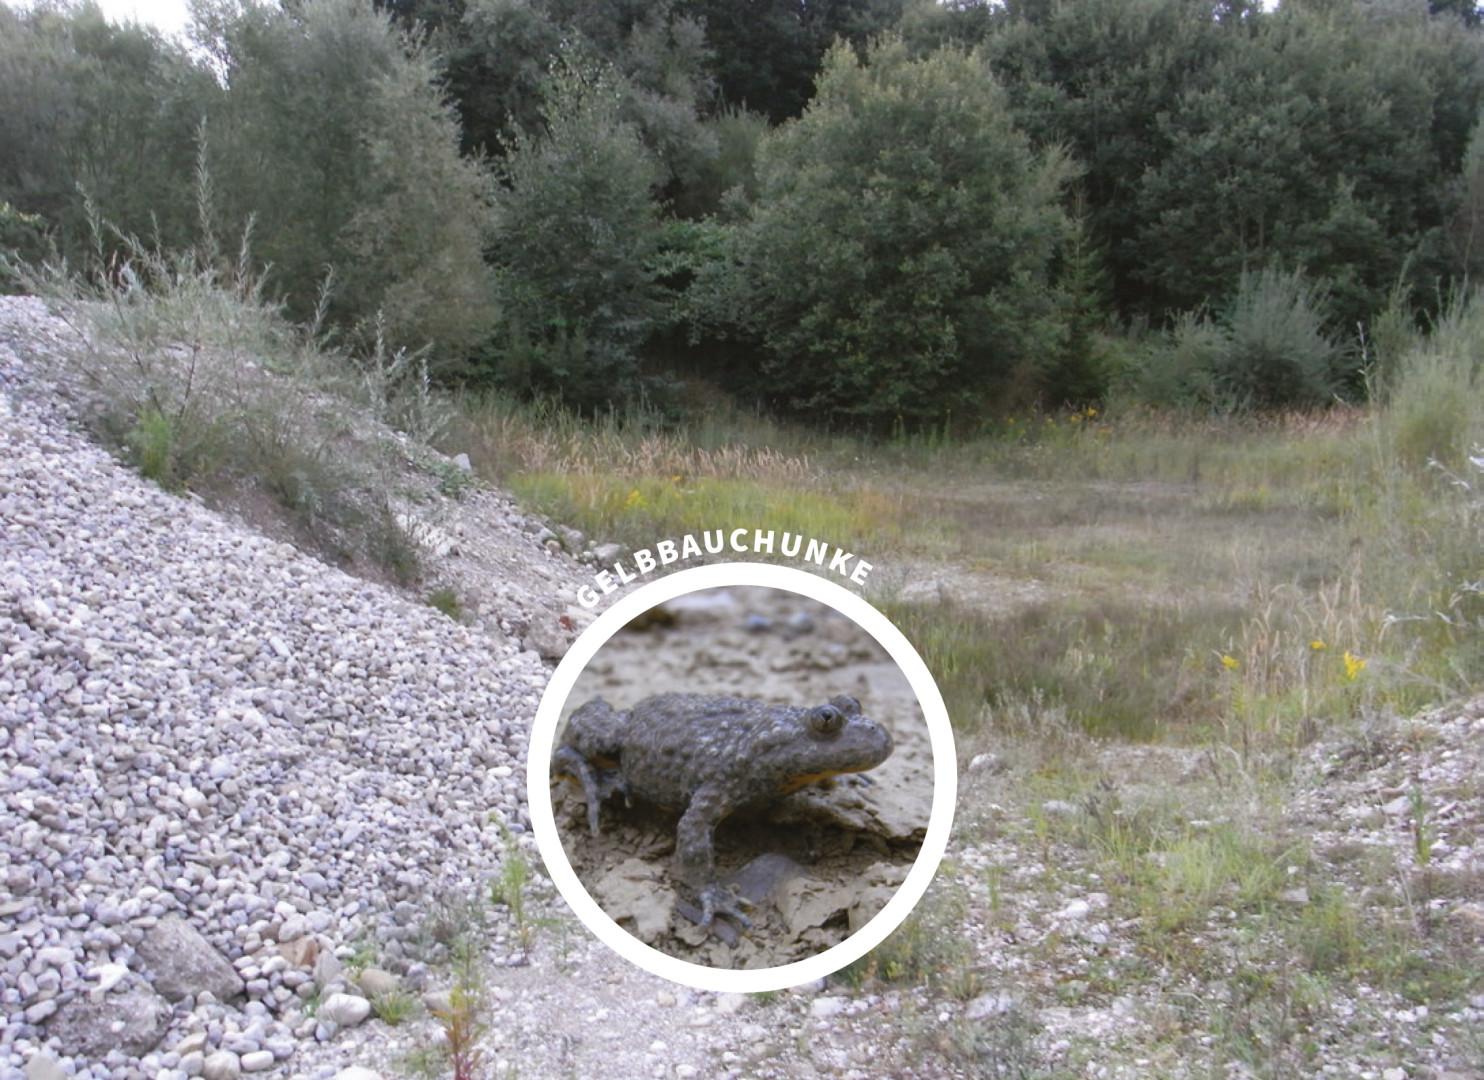 Spezielle artenschutzrechtliche Prüfung saP, Feldkirchen, Landkreis Bad Tölz